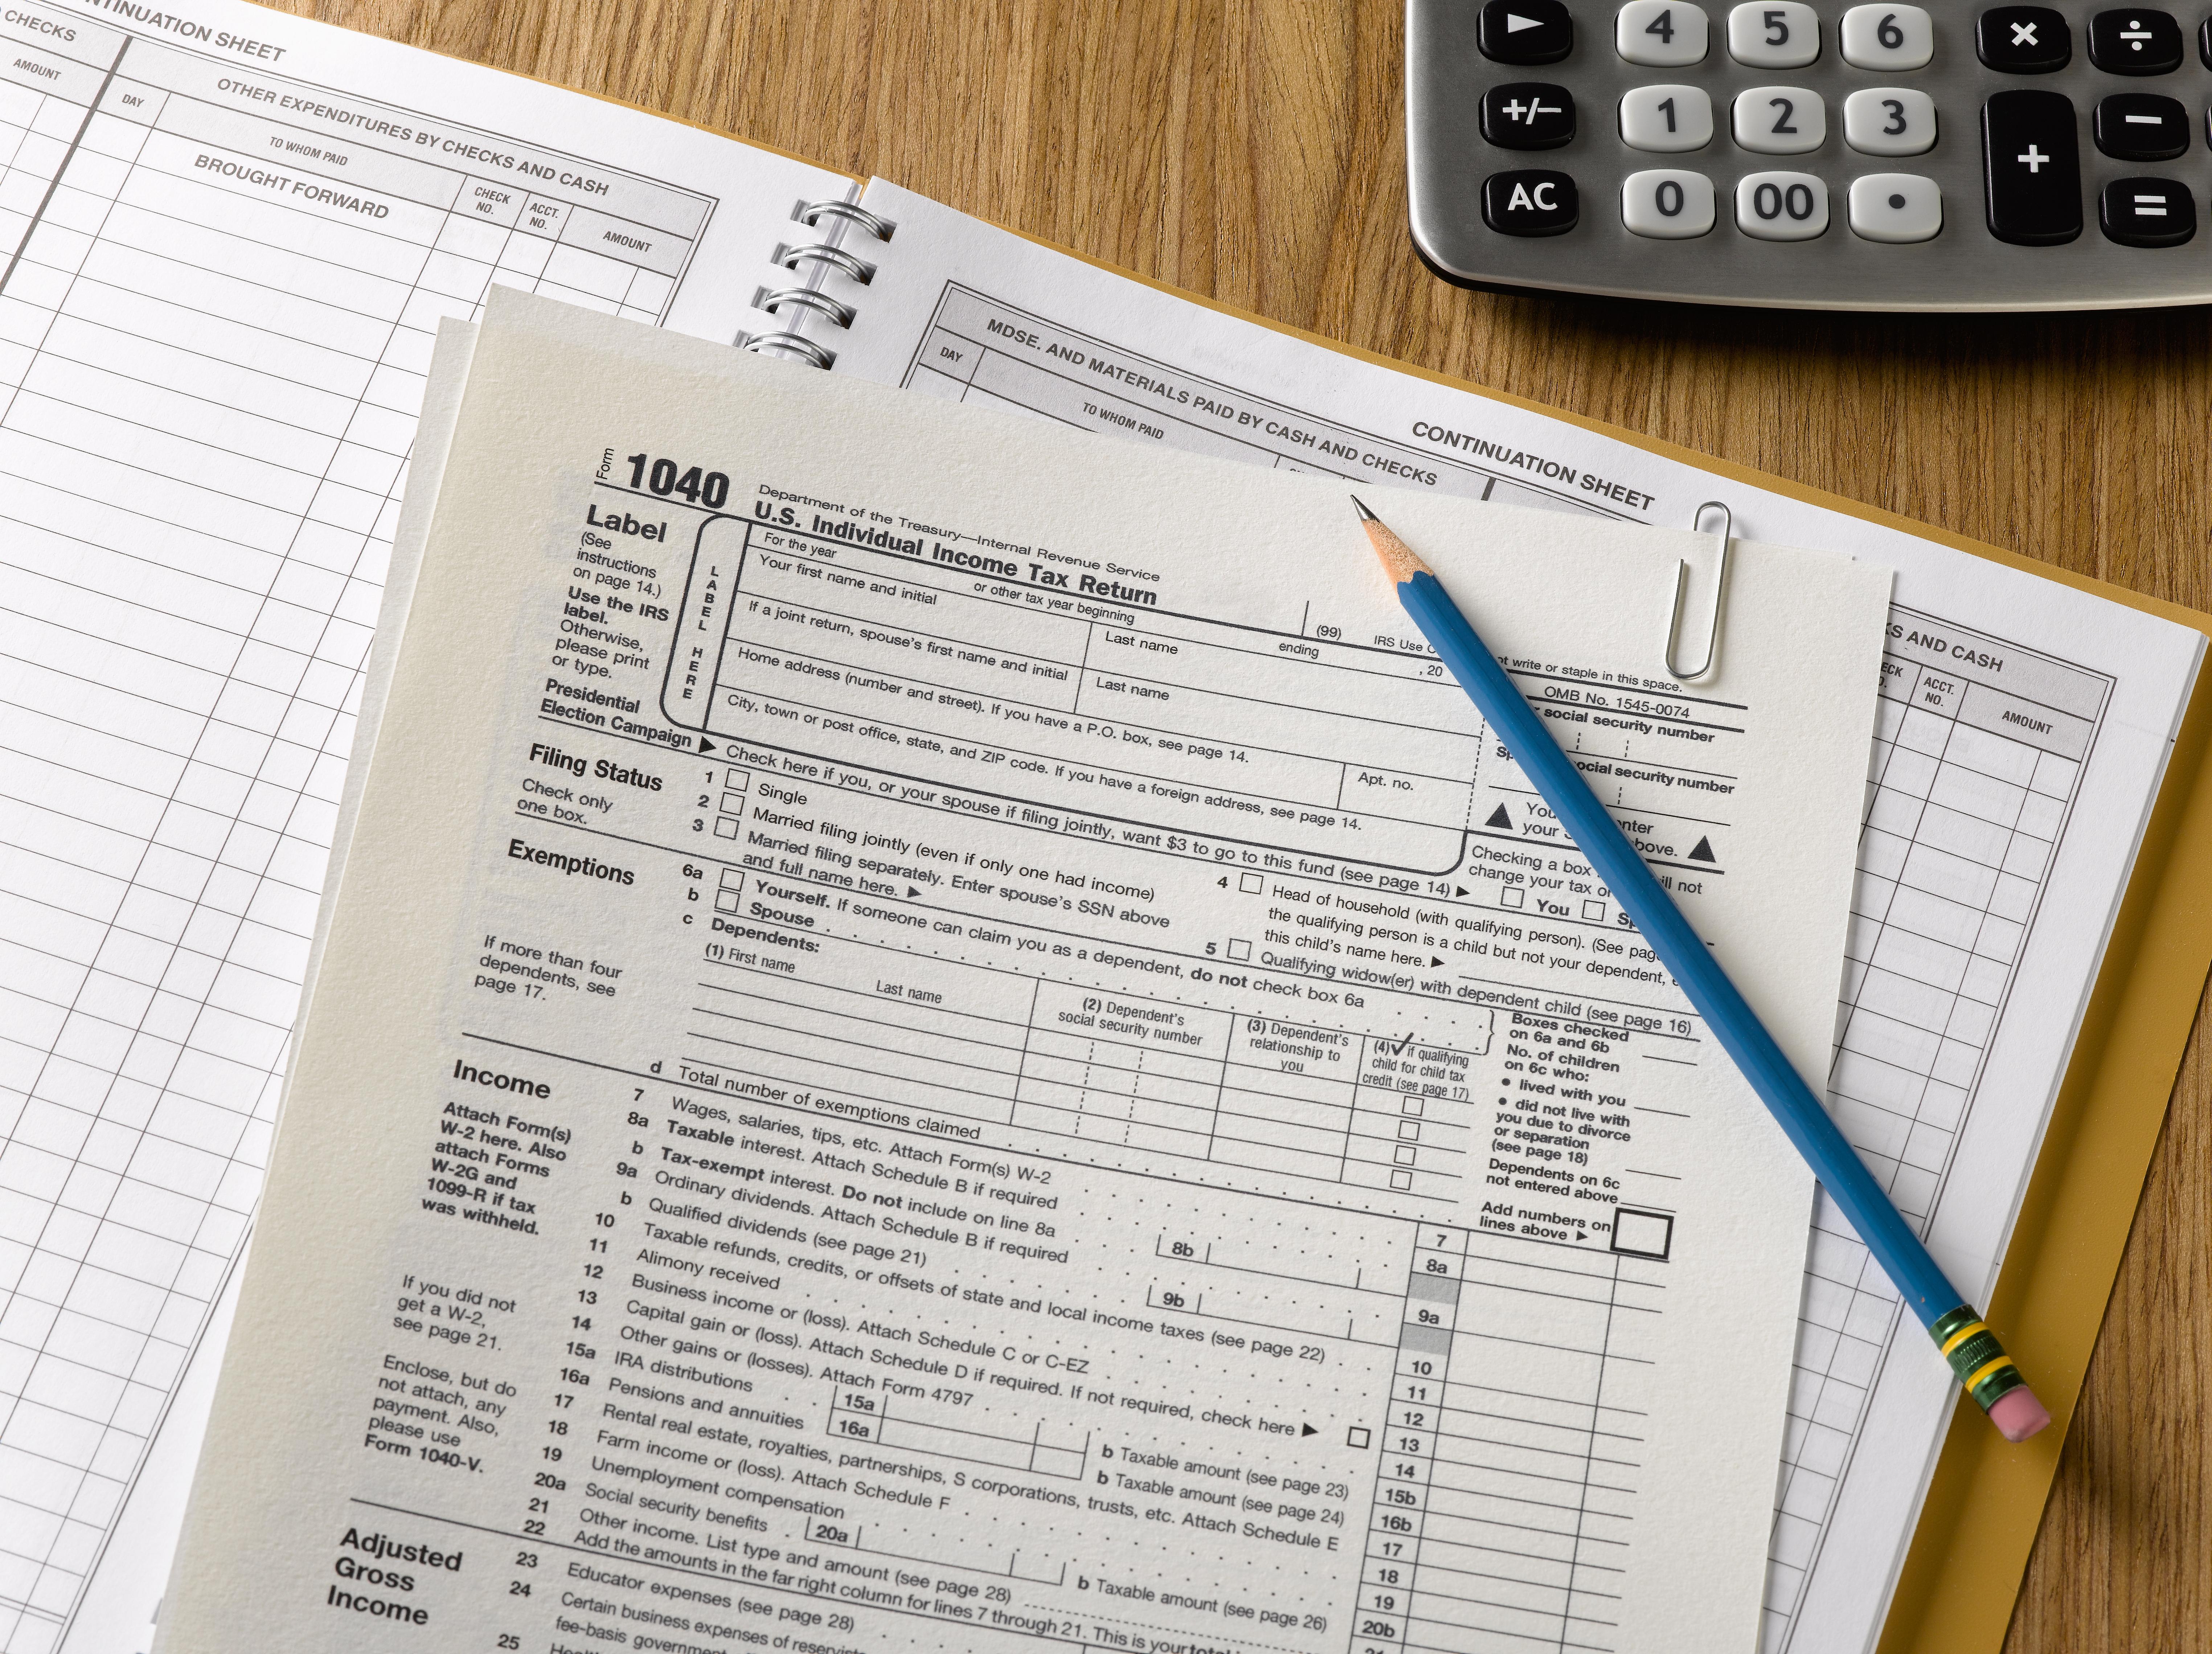 Do Businesses Have to Send W-2 Forms? | Chron.com